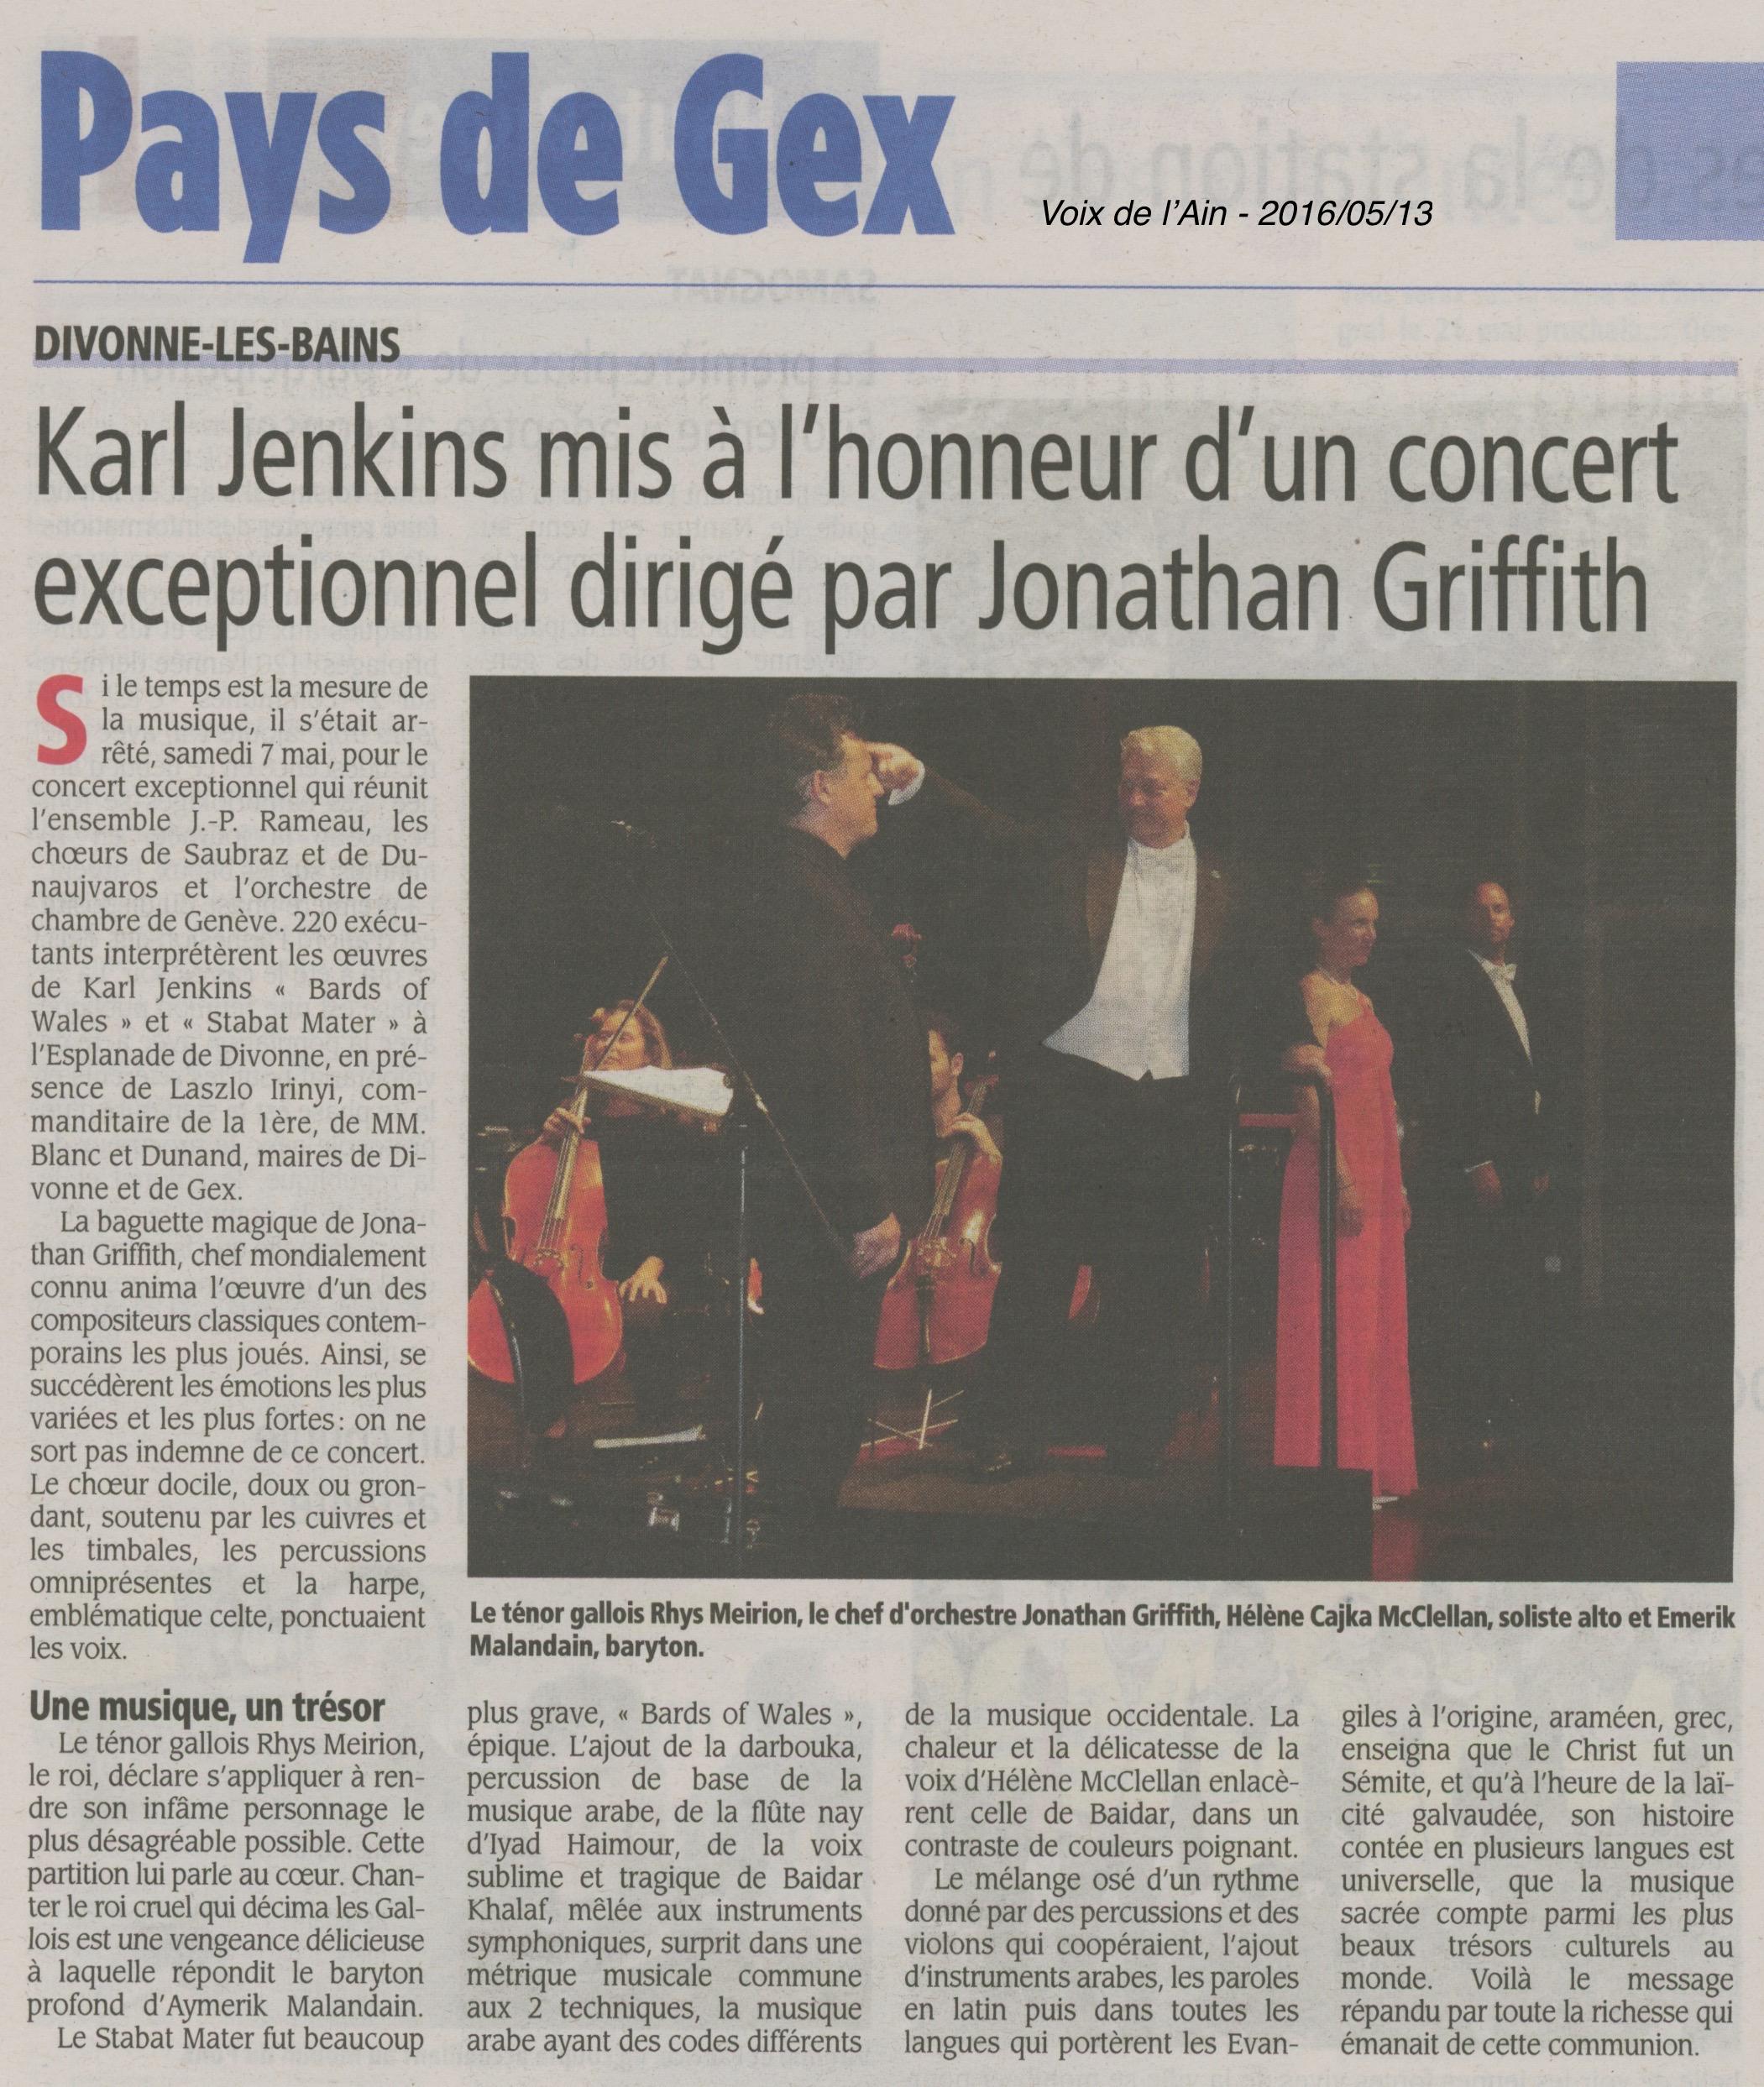 Karl Jenkins mis à l'honneur d'un concert exceptionnel